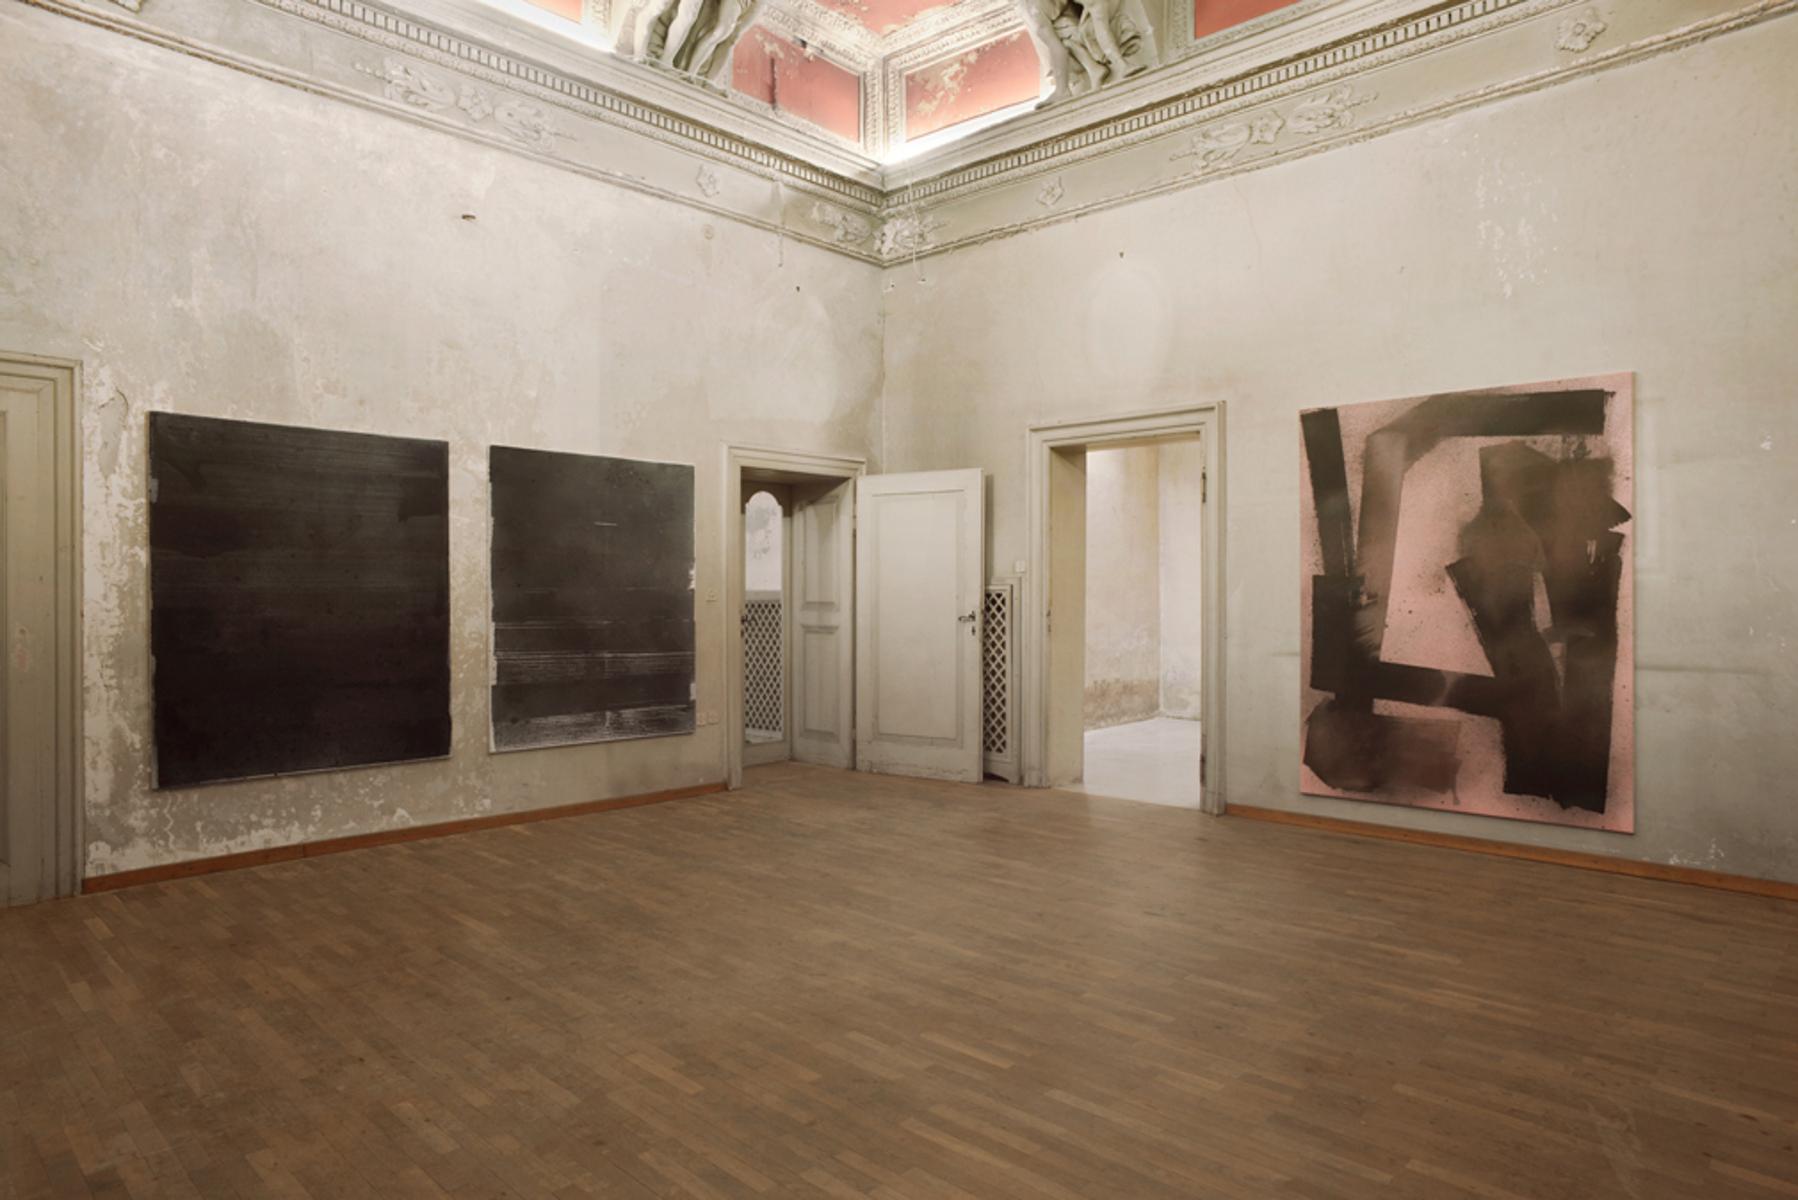 Max Frintrop, exhibition view @ palazzo delle Cossere, Brescia, Italy - photo philip seibel -